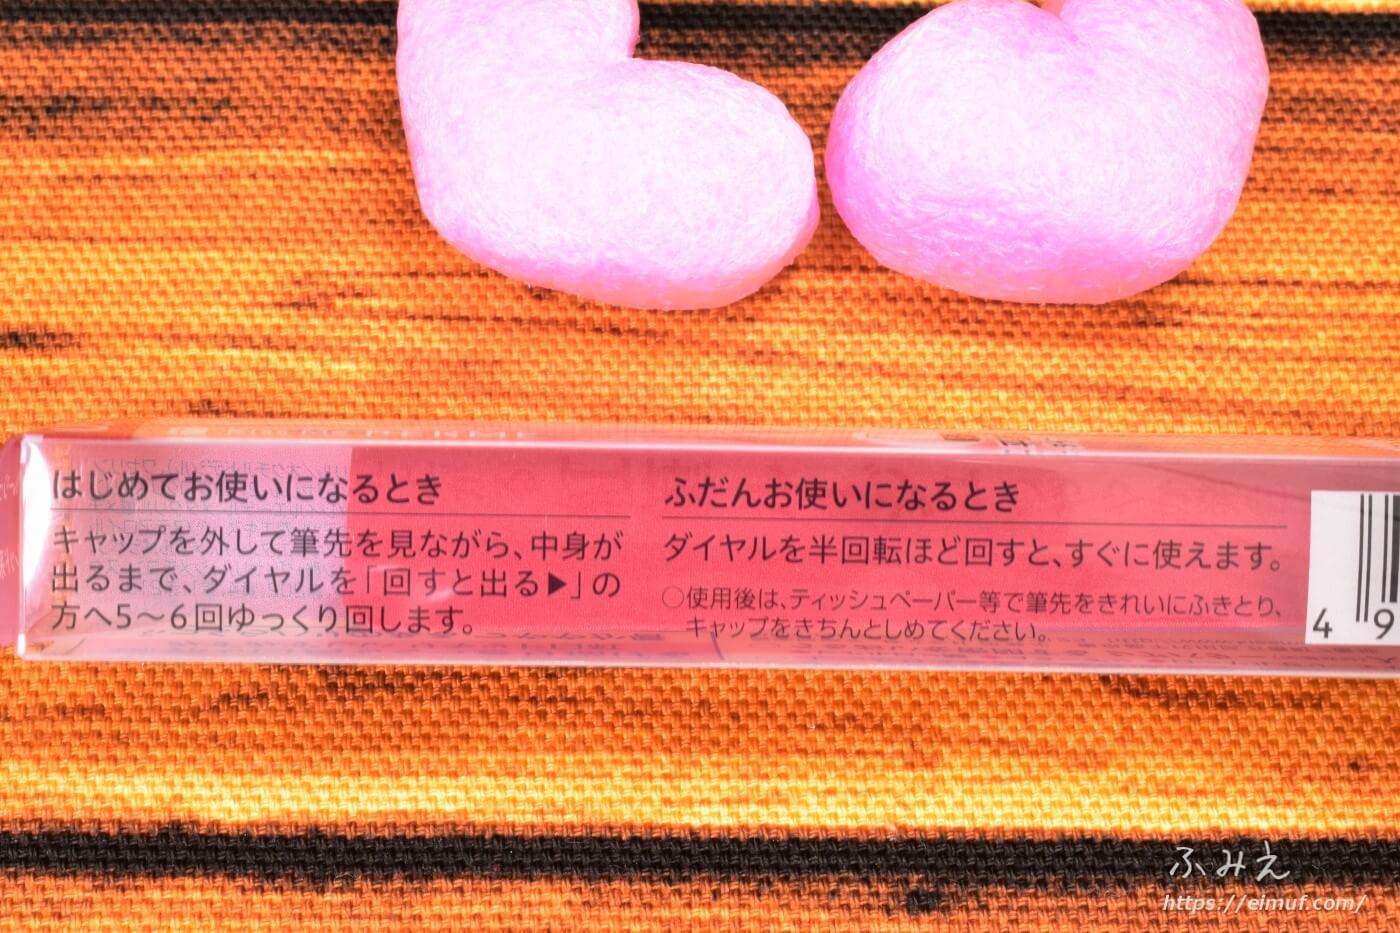 キスミーフェルムの紅筆リキッドルージュ #05(華やかなレッド)パッケージ側面